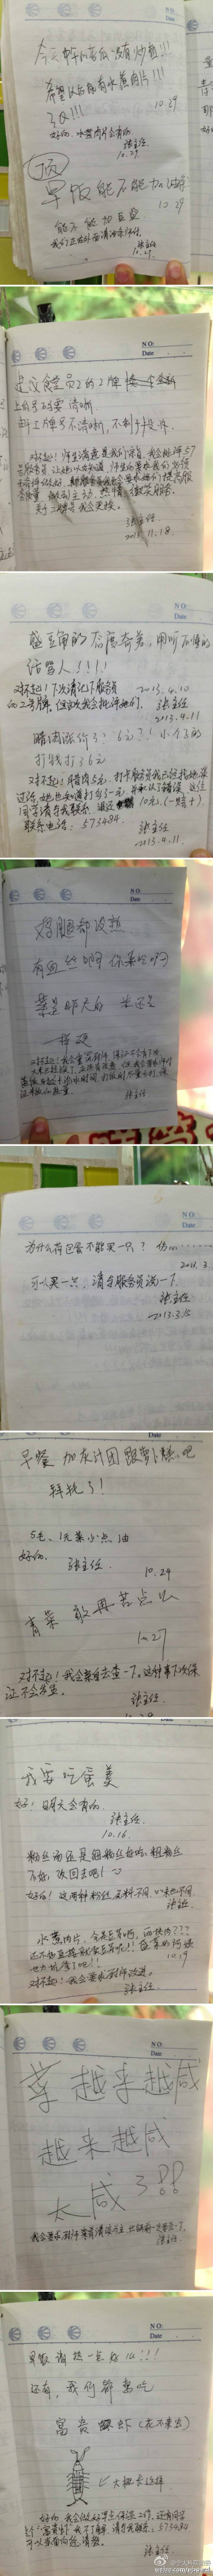 8a533d85jw1easkf12bc6j20c843kgz1 (1)